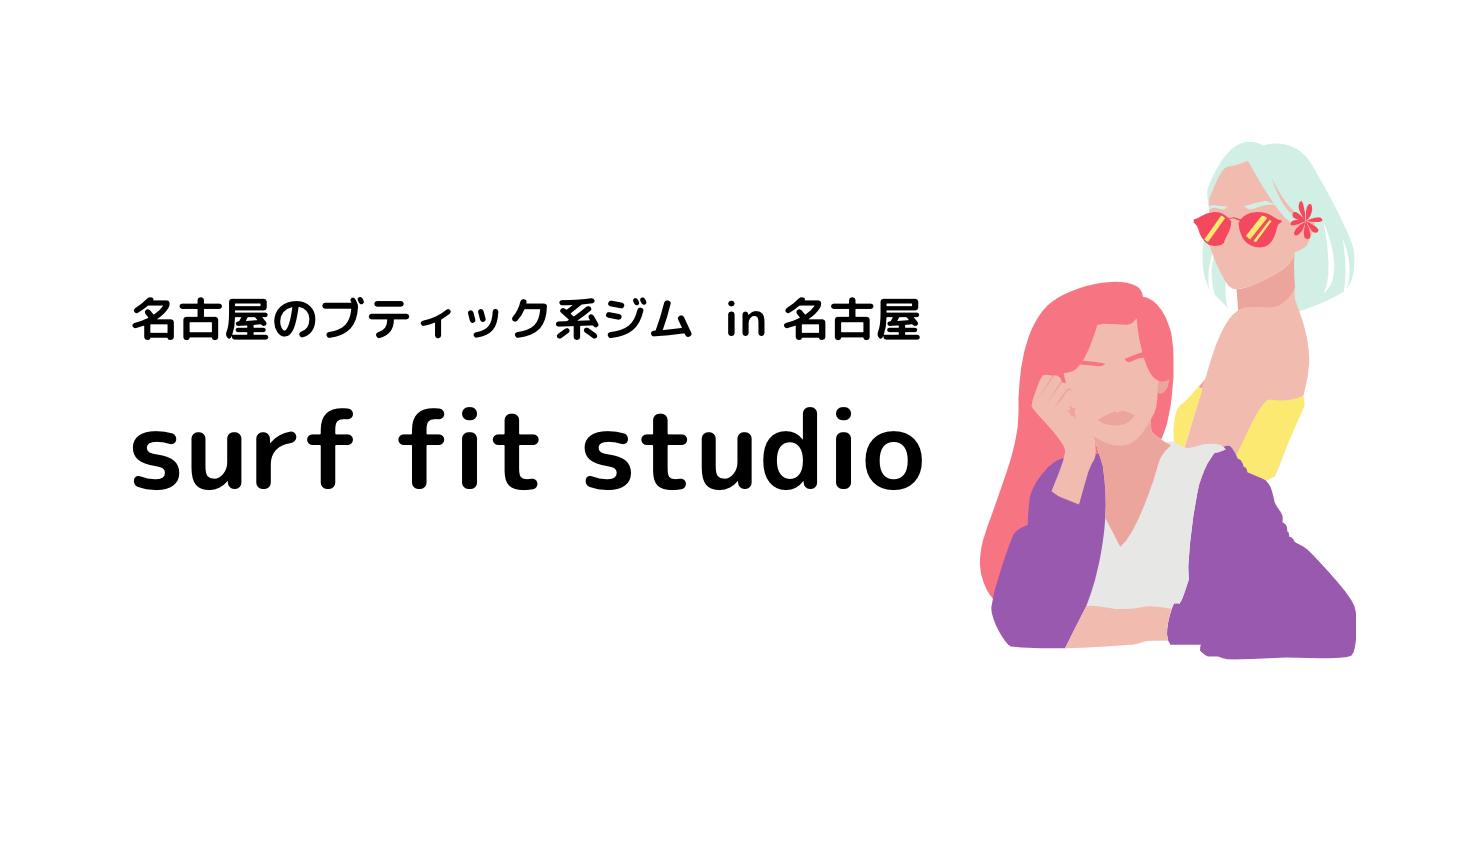 名古屋_ジム_ブティック系ジム_おすすめ_surf fit studio